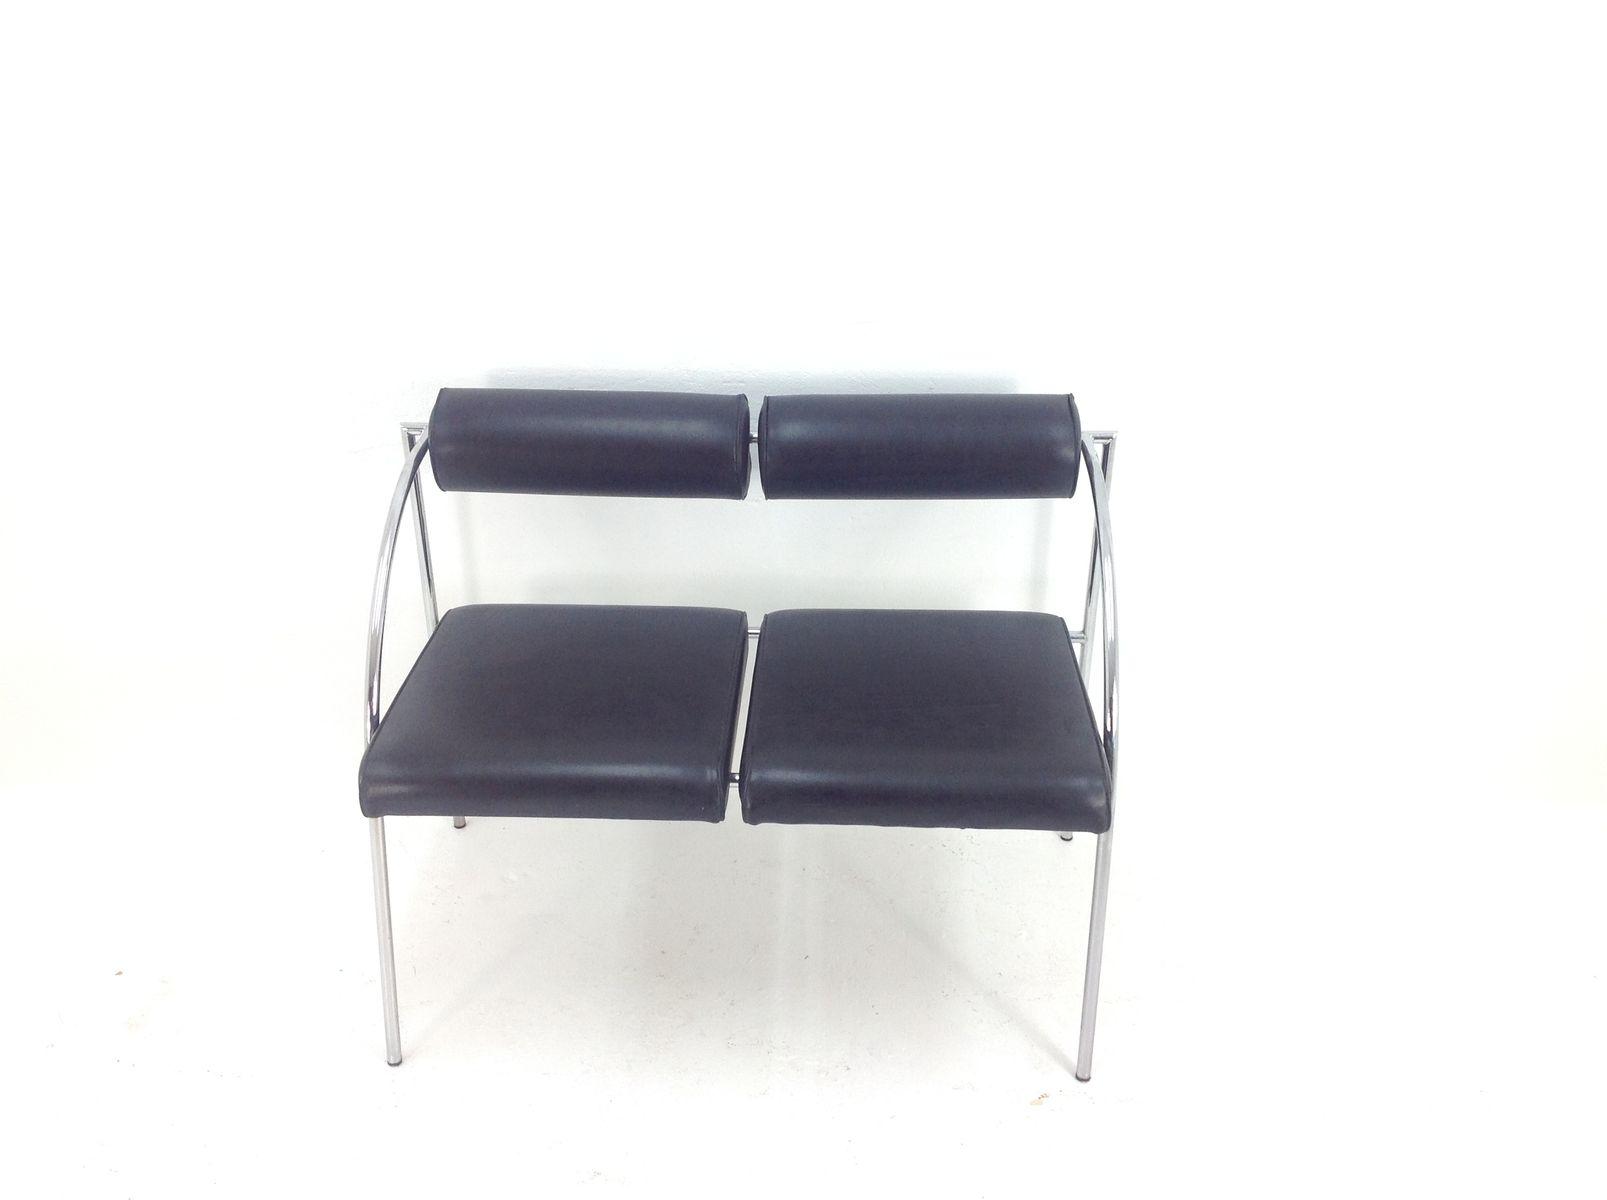 canap deux places par rodney kingsman pour bieffeplast. Black Bedroom Furniture Sets. Home Design Ideas